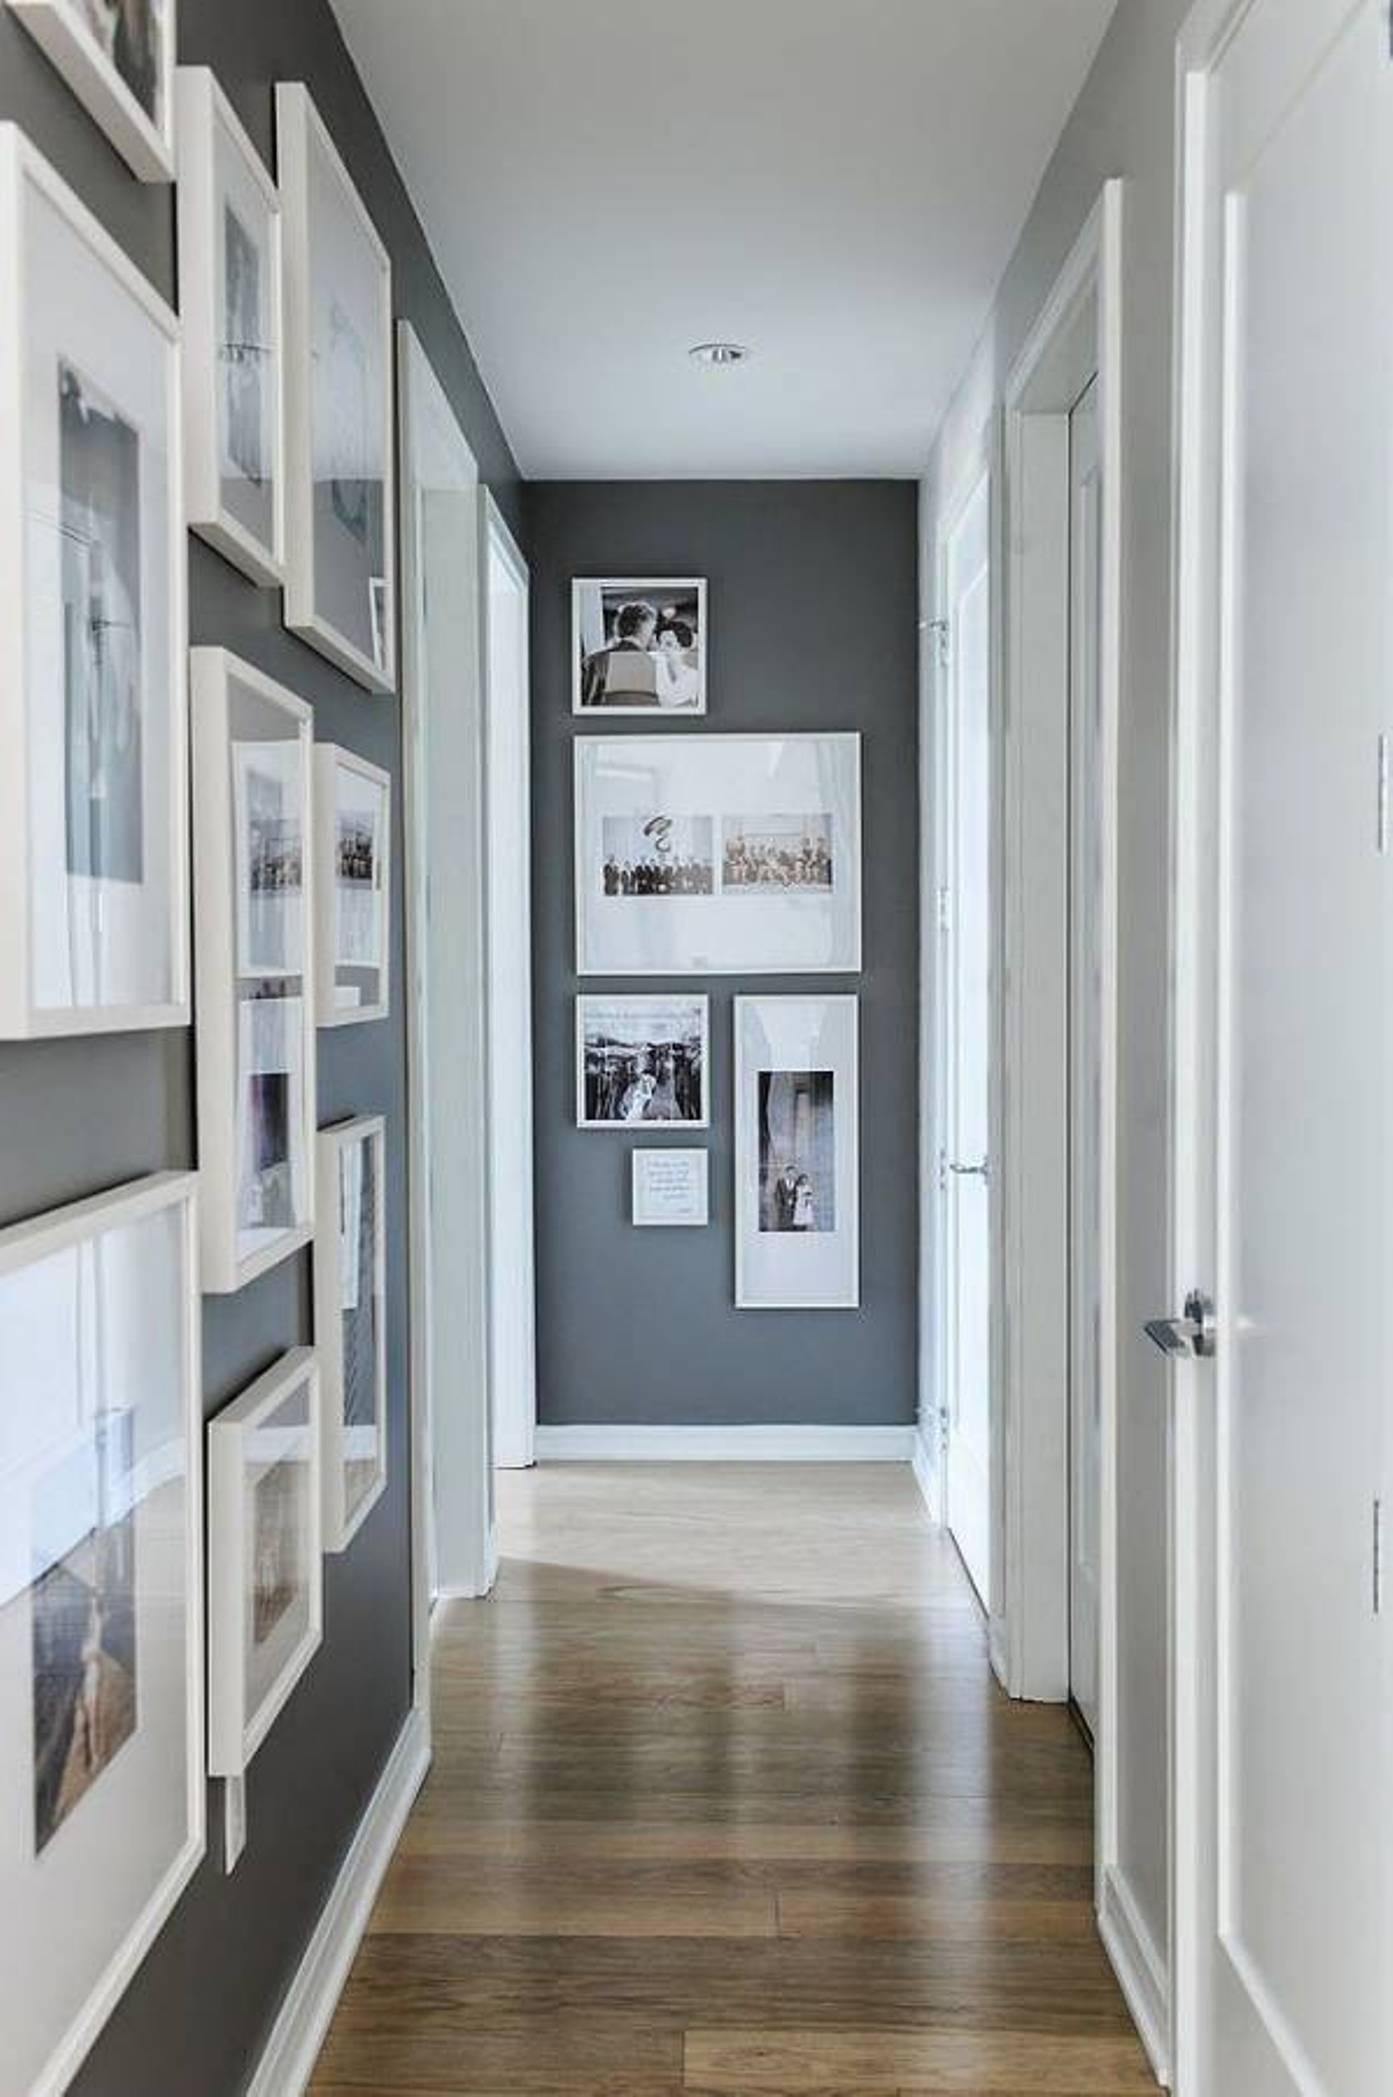 Дизайн узкой кухни (55 фото): лучшие примеры интерьеров, идеи планировки + 6 советов по оформлению и ремонт